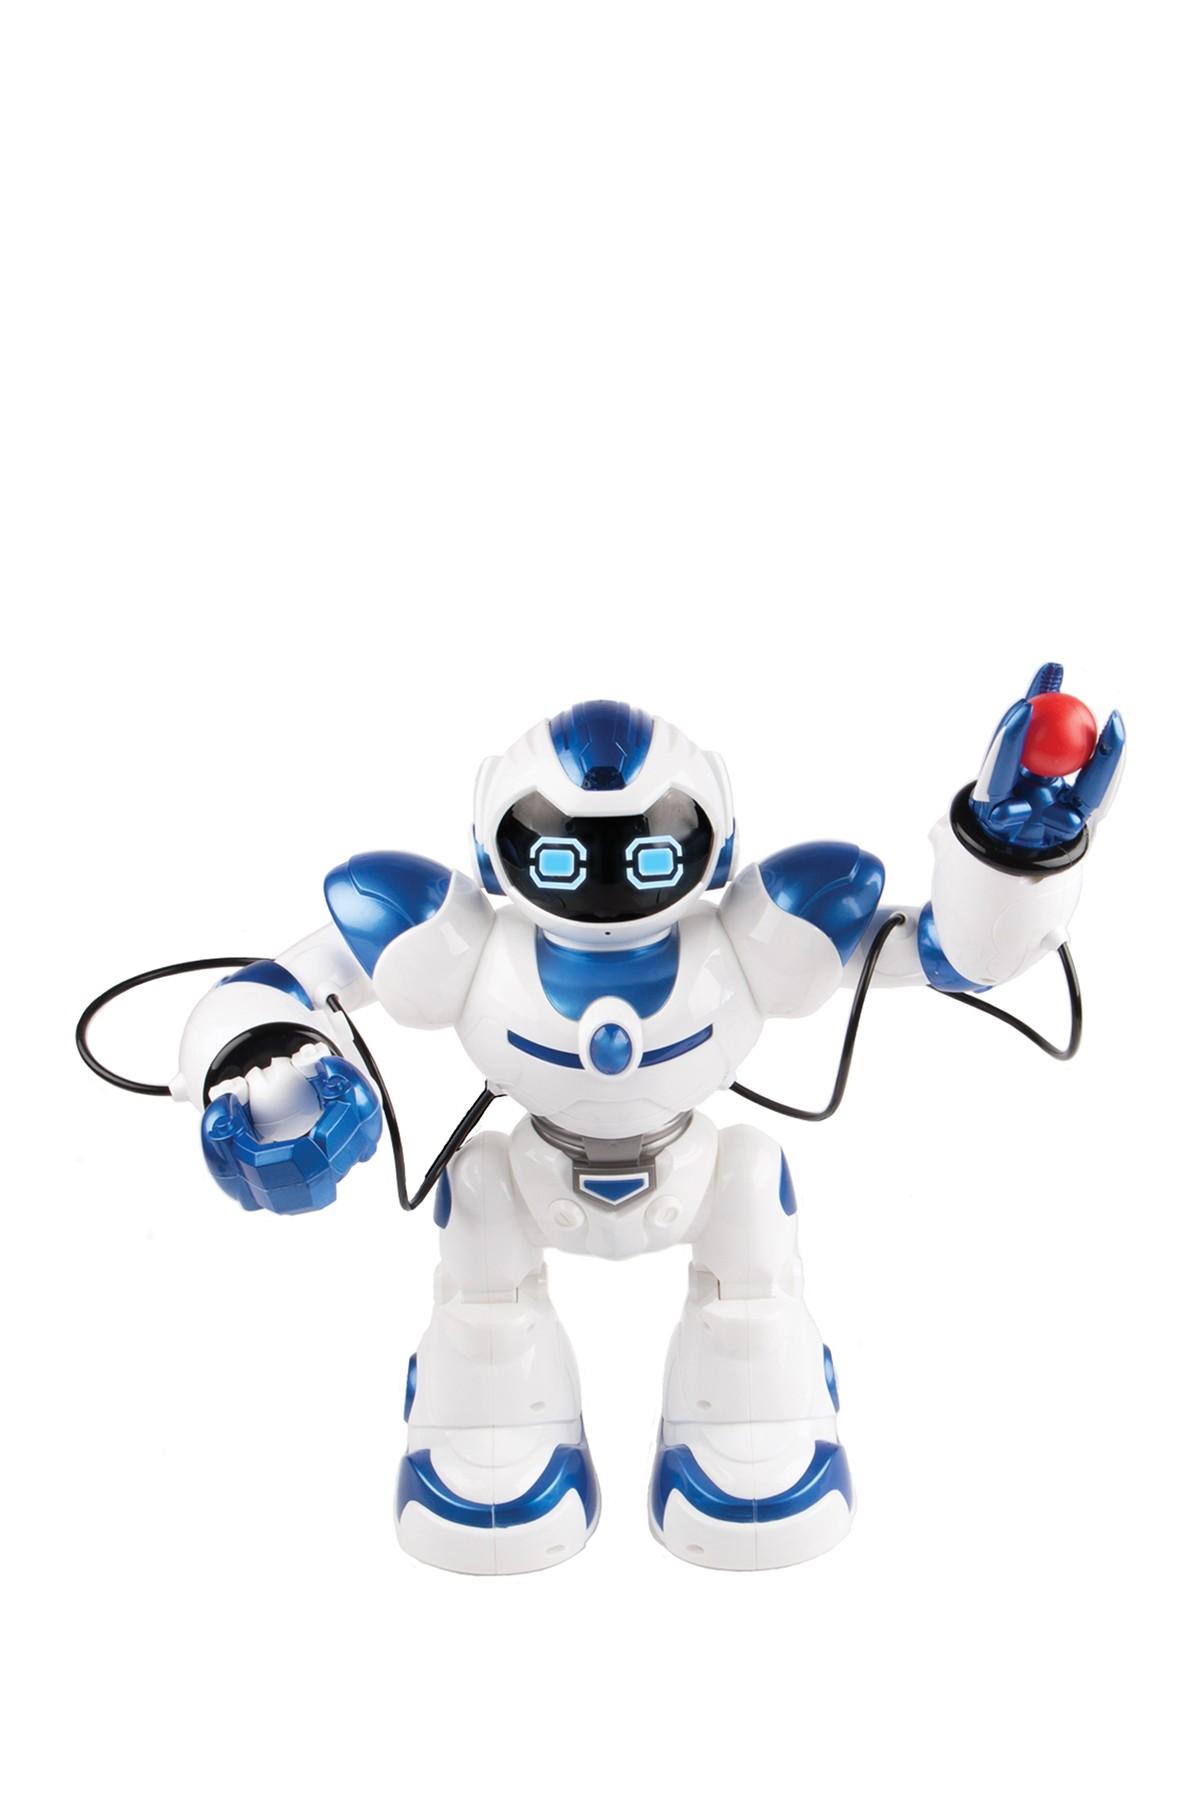 湘潭高新区:新松机器人小镇项目